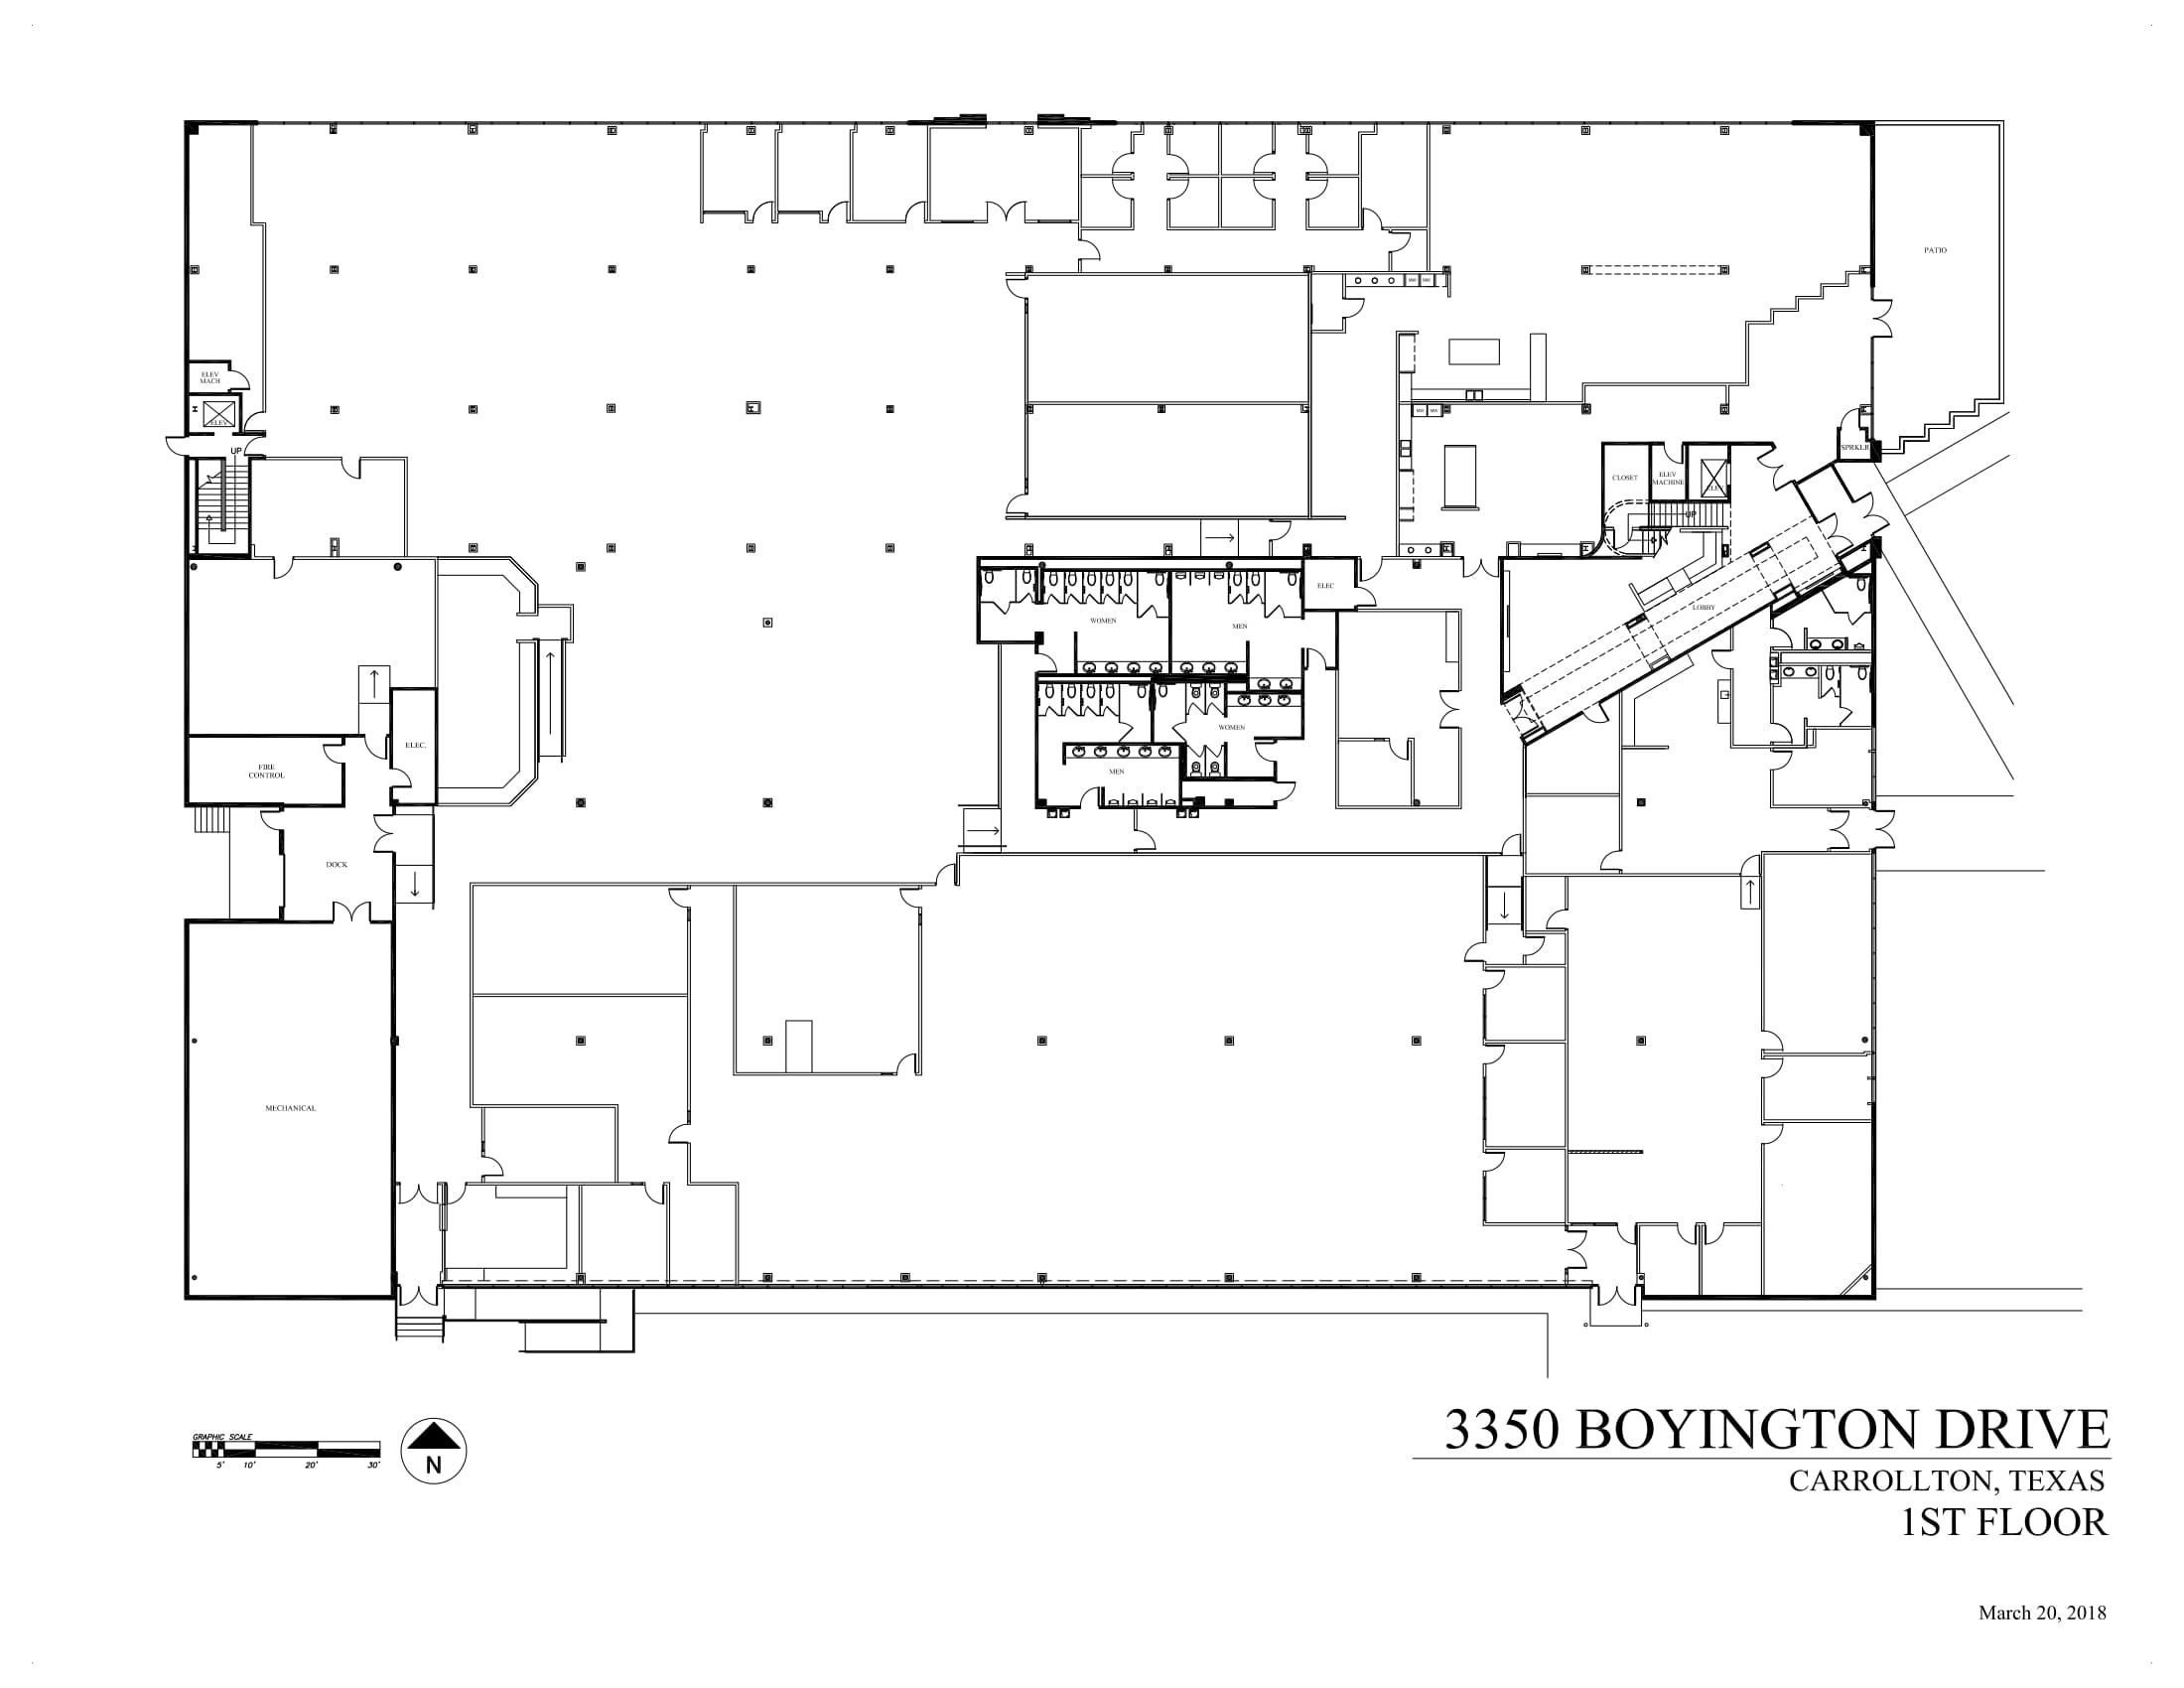 3350 Boyington Drive - 1st Floor - As-built-1